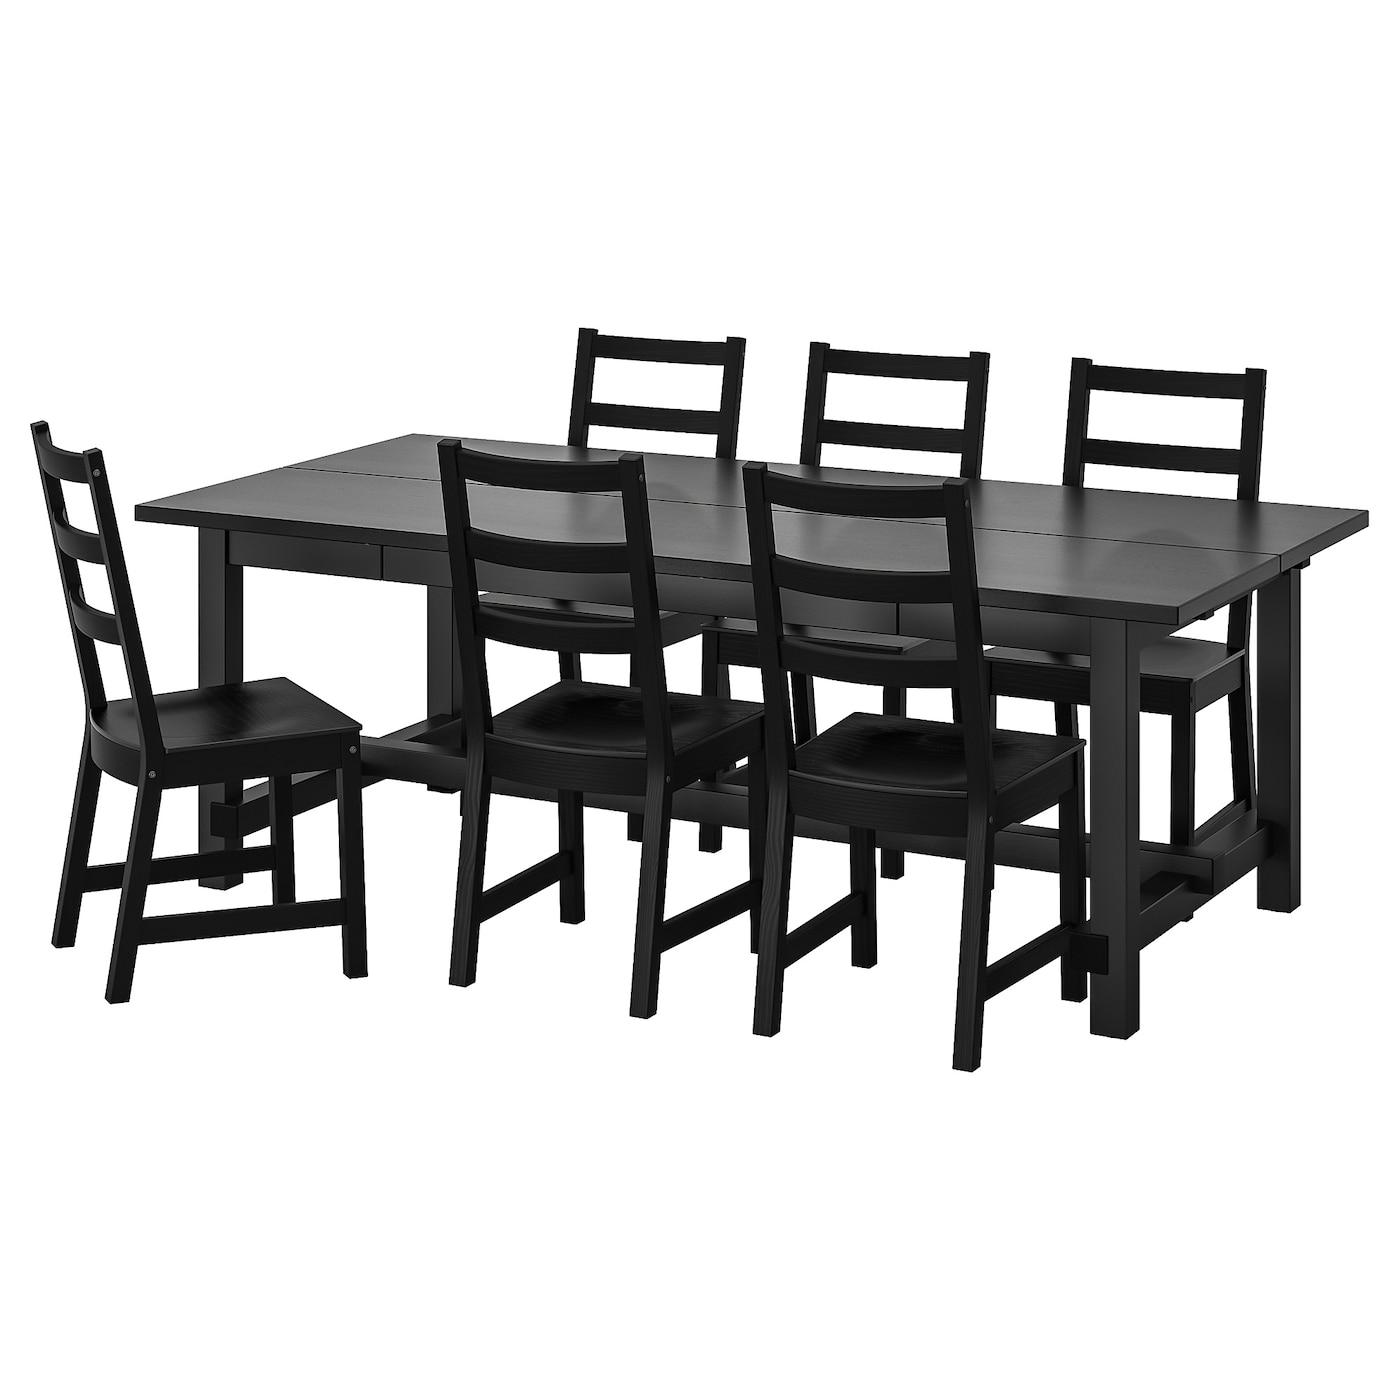 NORDVIKEN / NORDVIKEN Tisch und 6 stühle - schwarz/schwarz ...